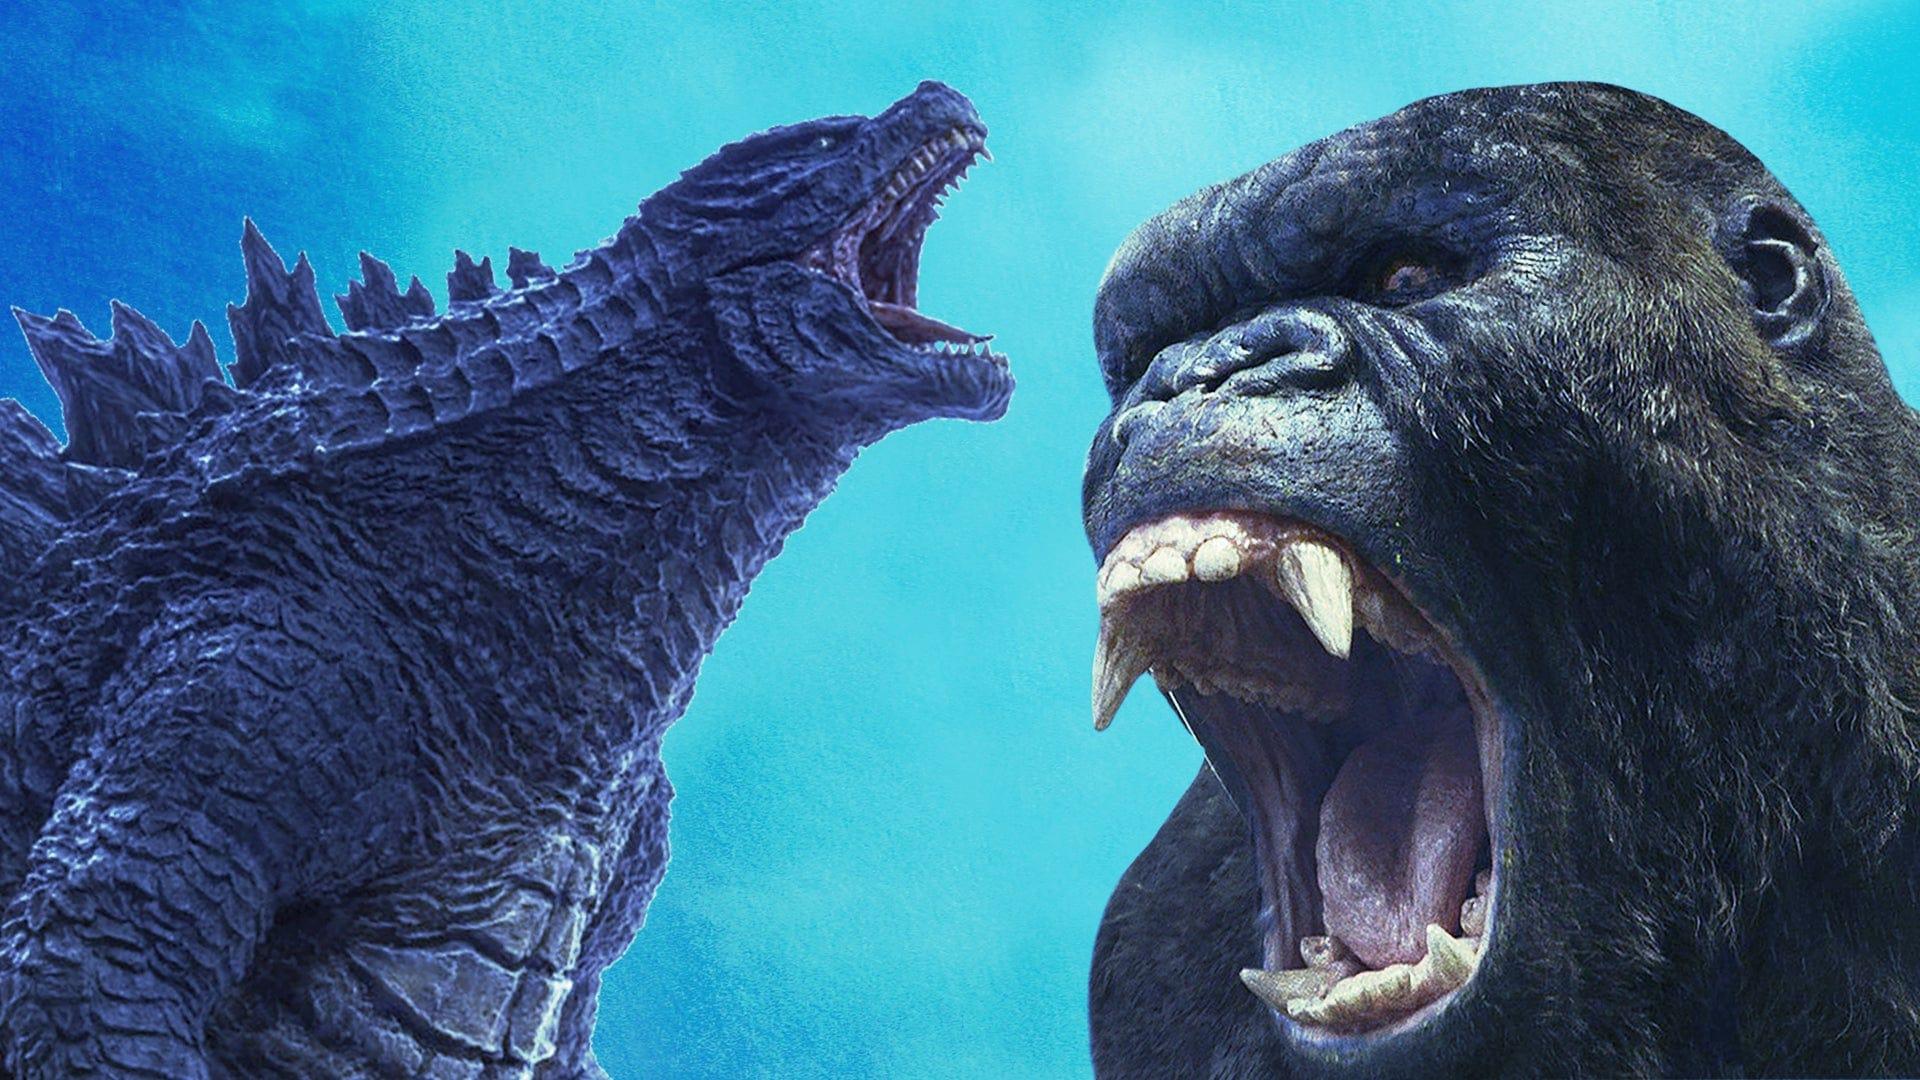 Godzilla Vs Kong movie